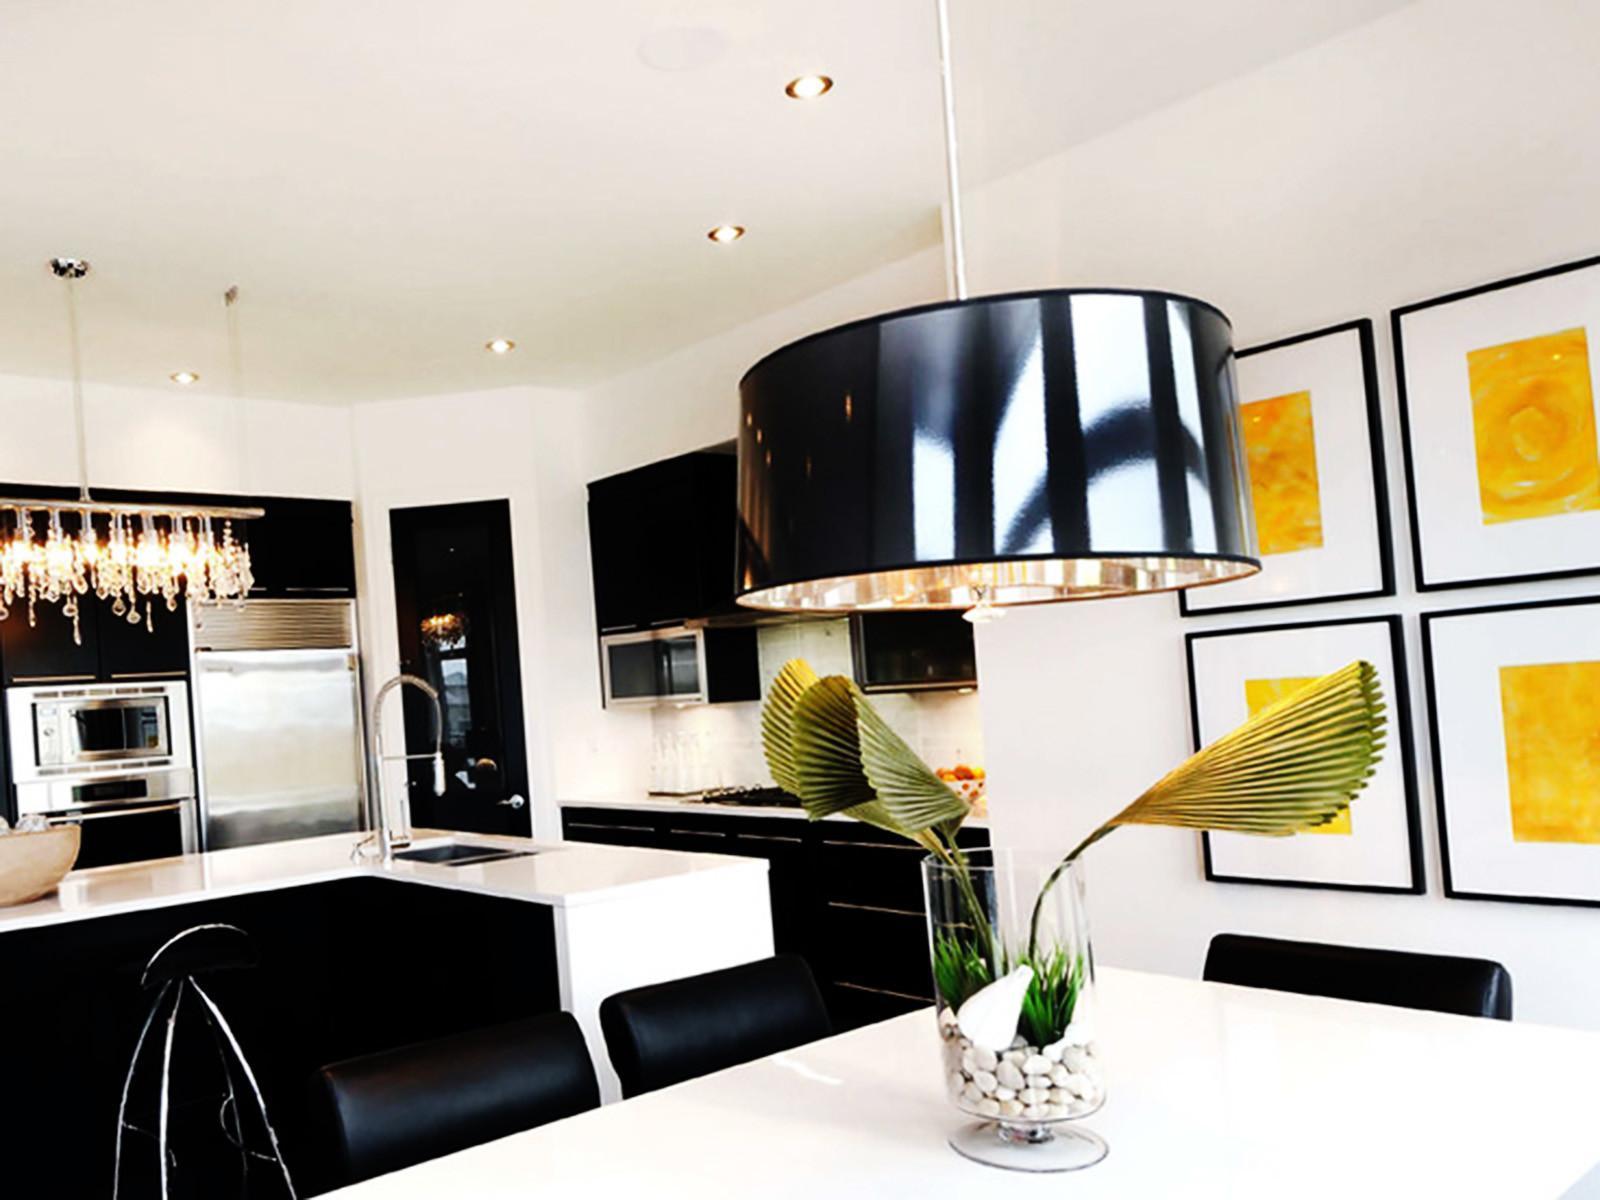 Идея на 2020 год - декор кухни светильниками в виде барабана